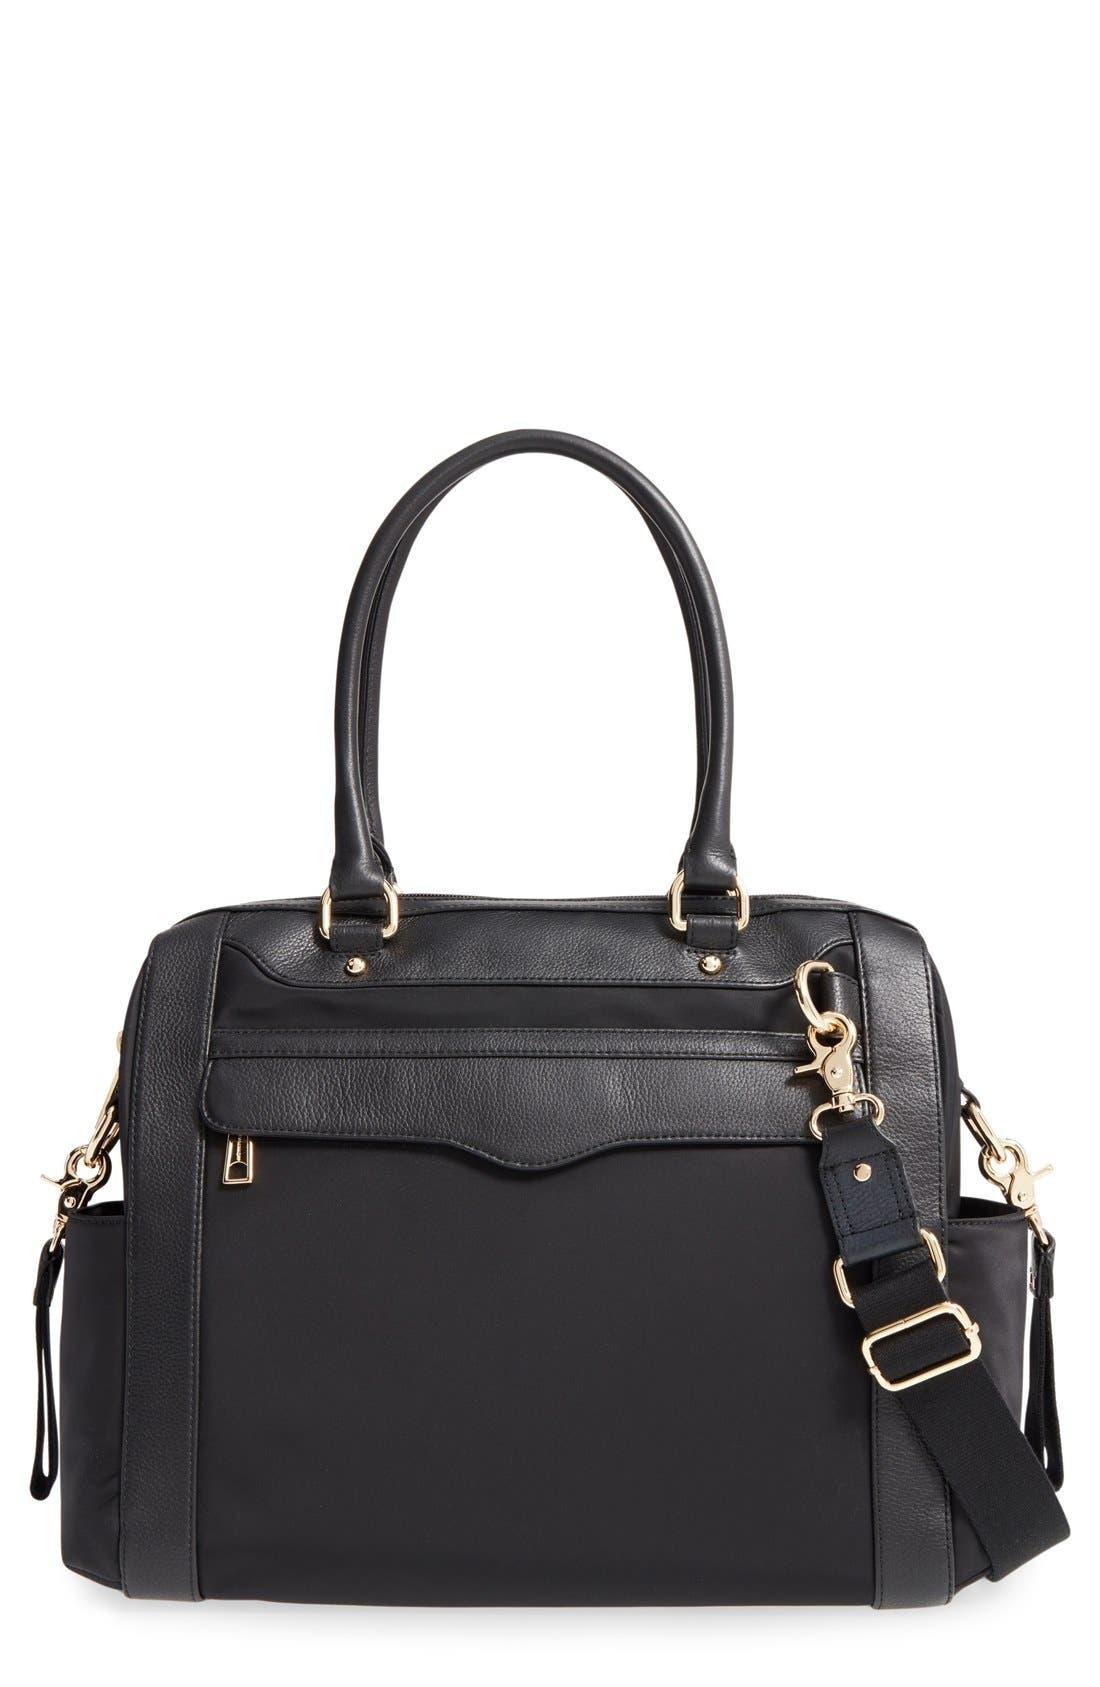 Knocked Up Leather Diaper Bag,                         Main,                         color, Black/ Light Gold Hrdwr